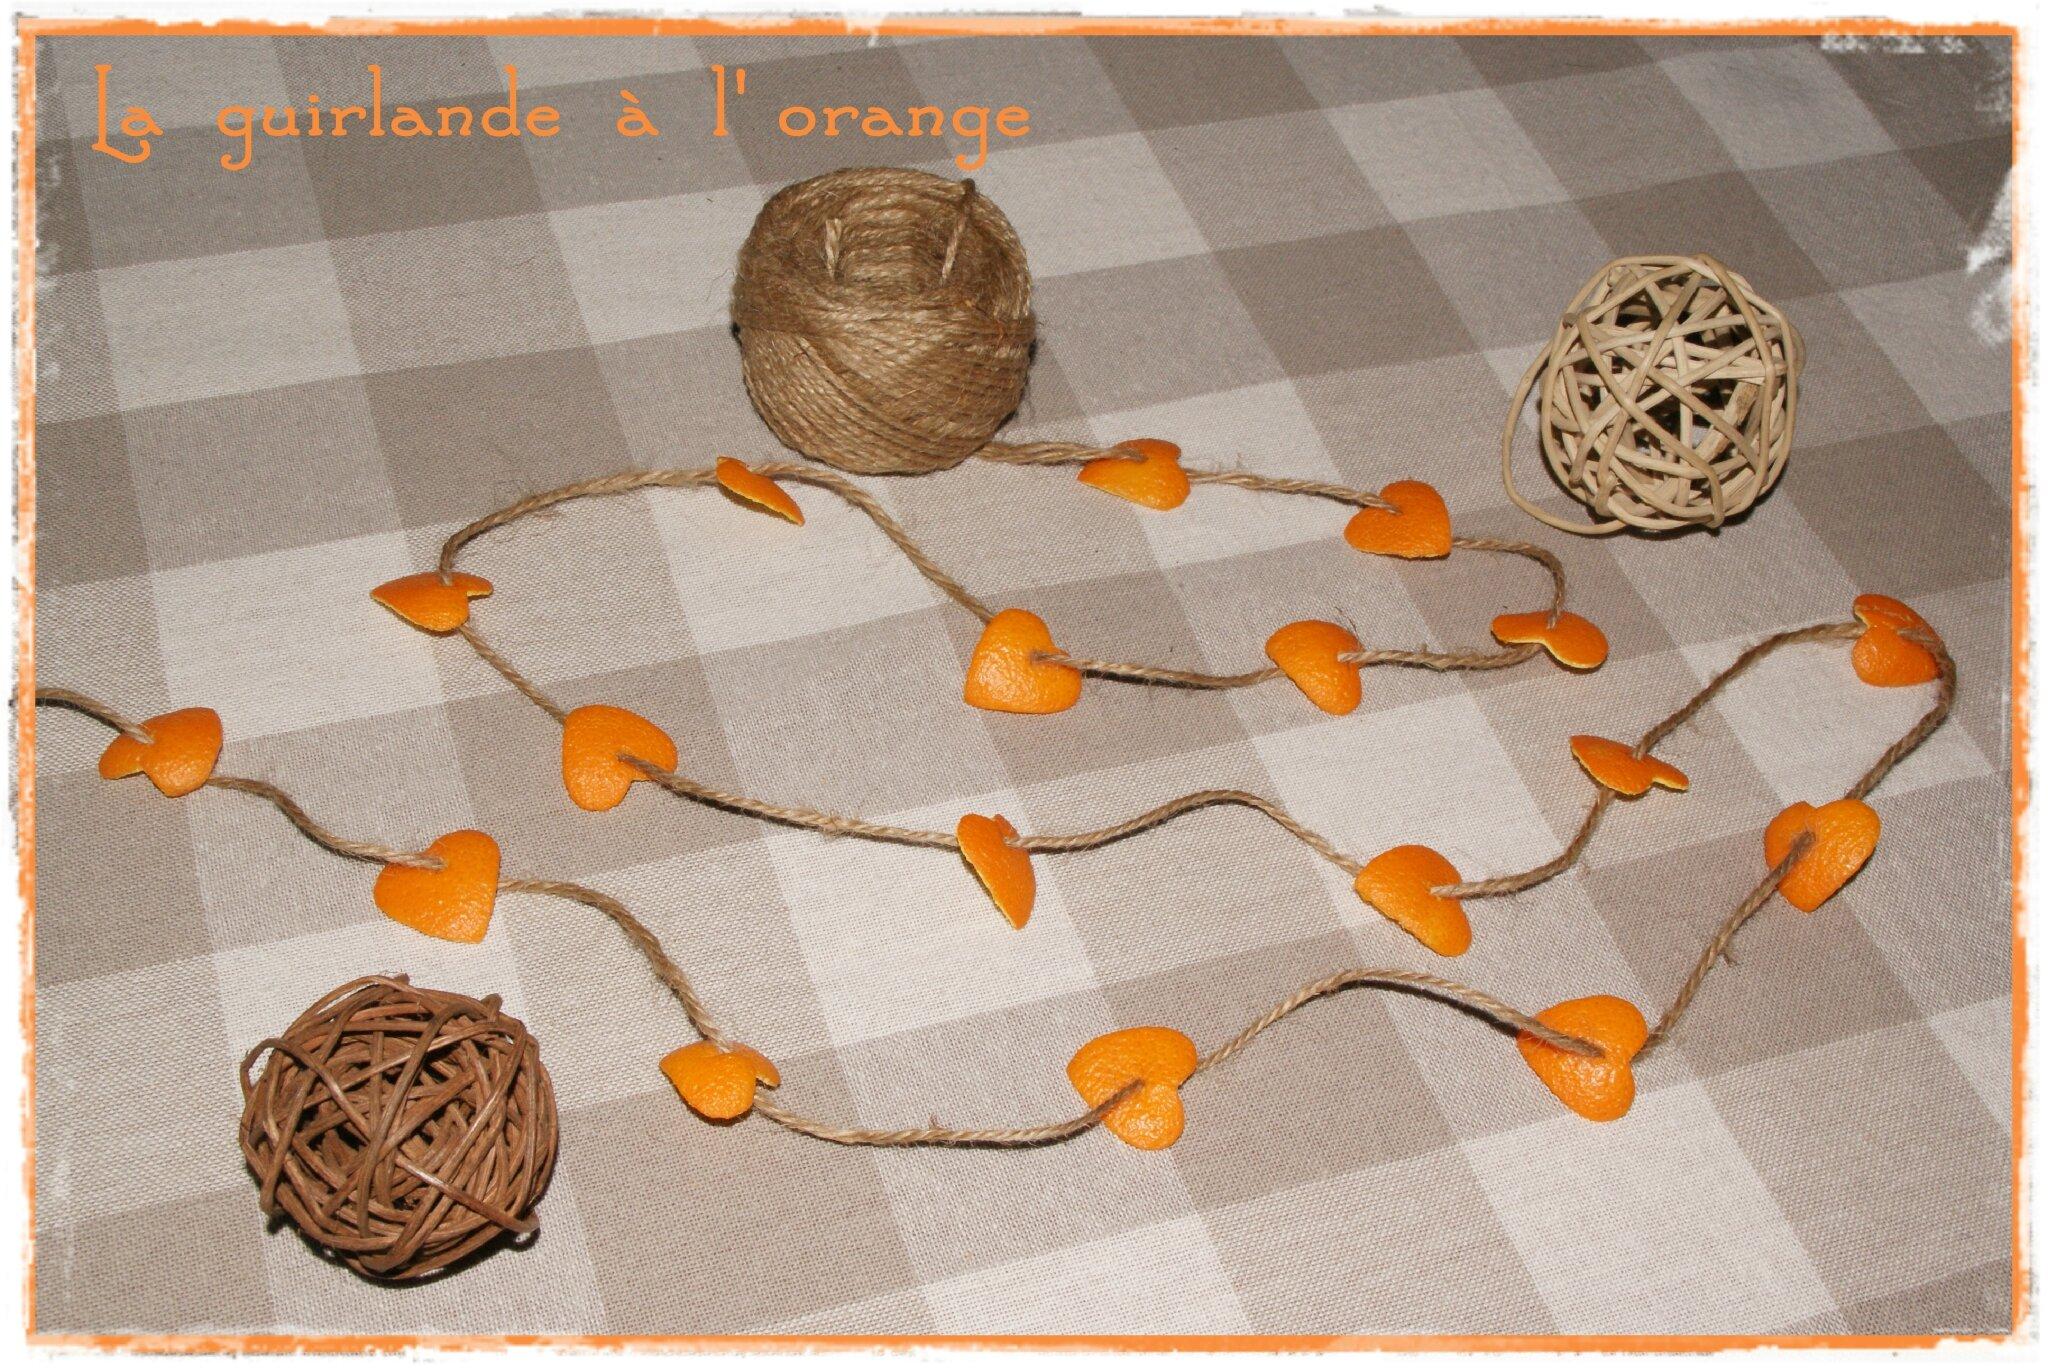 guirlande à l'orange